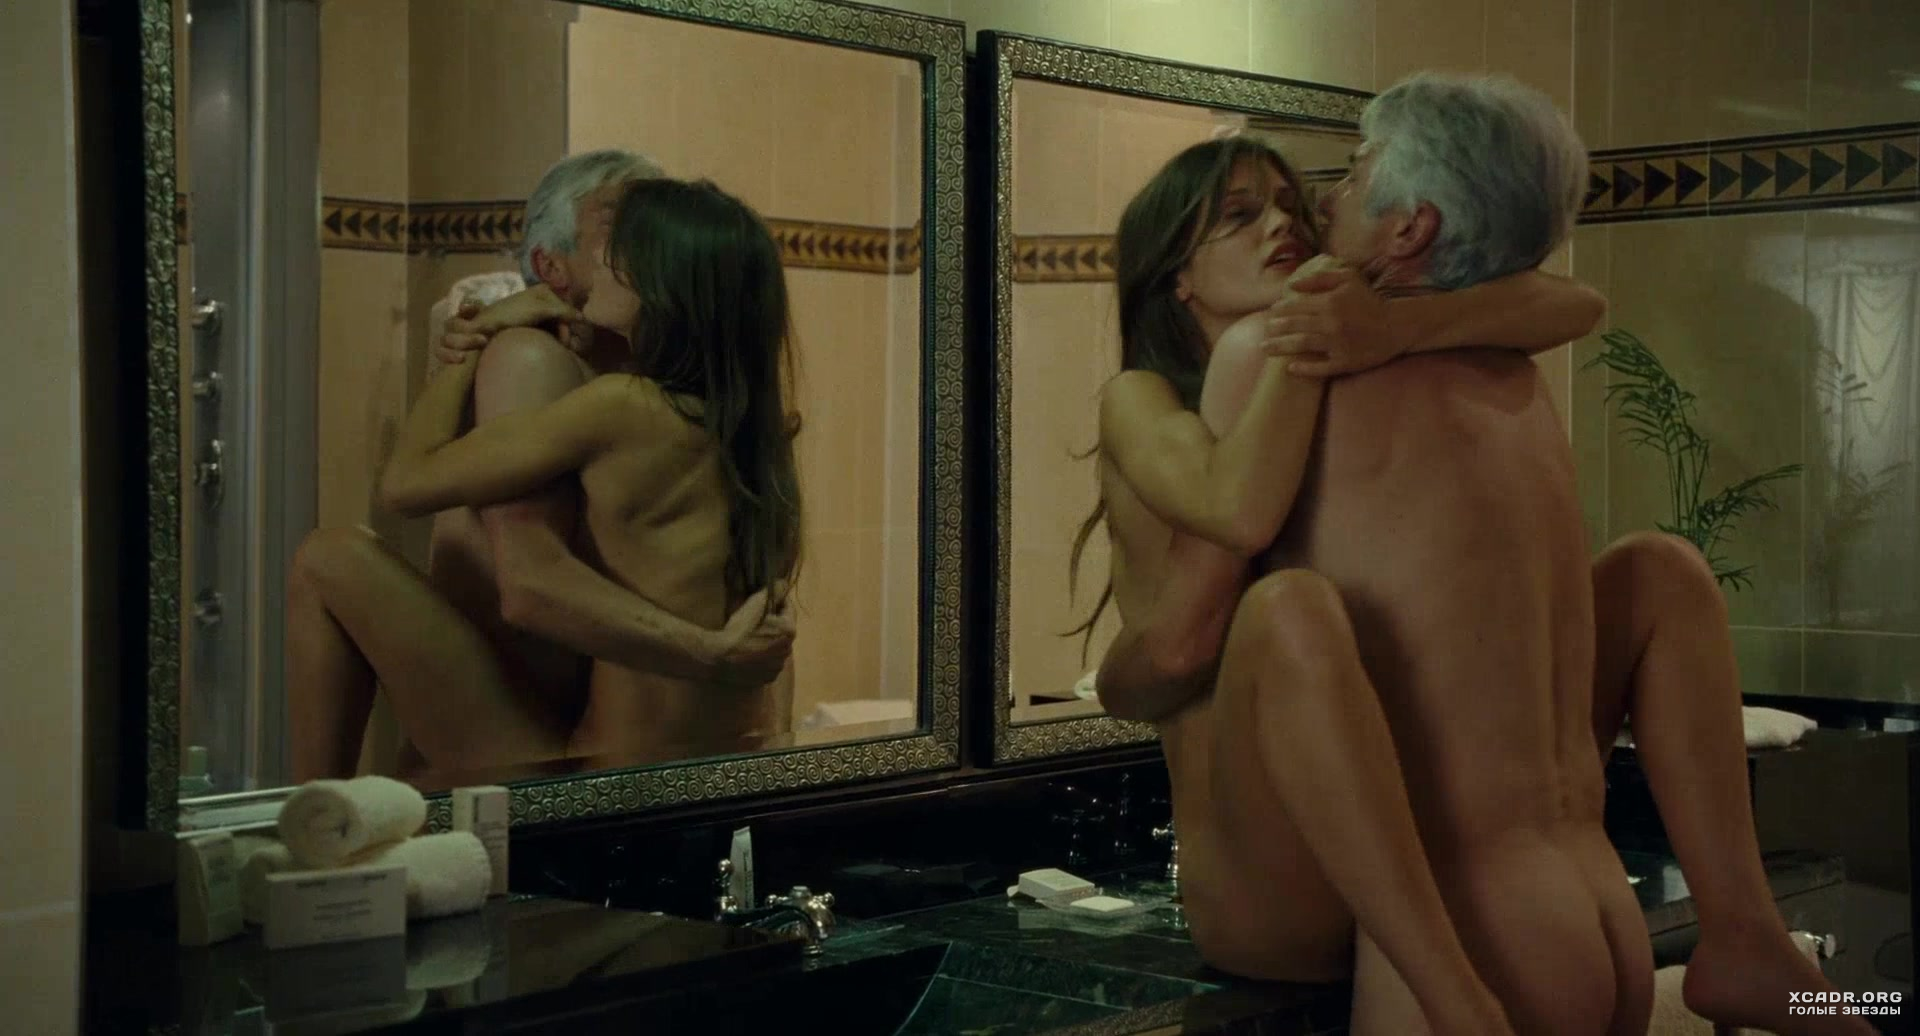 знаменитости в сексуальных сценах смотреть онлайн